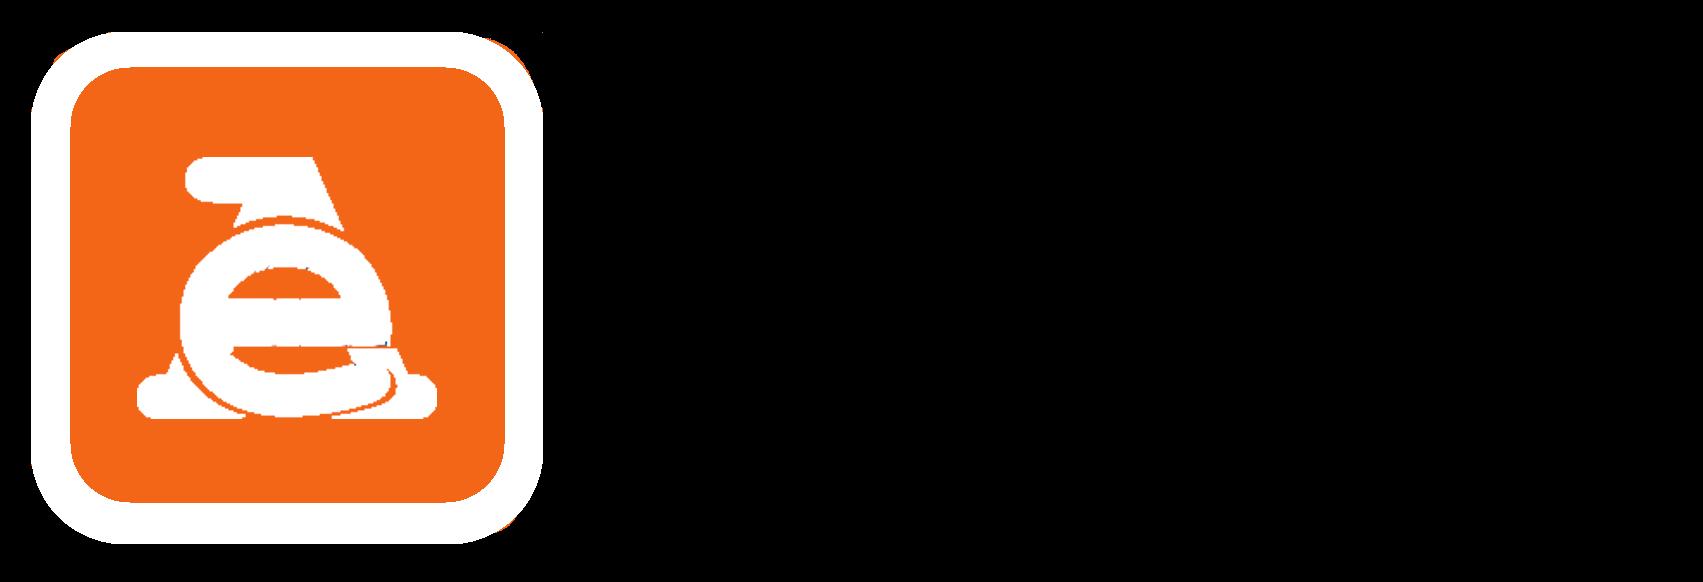 Icona Invio Automatico dei Corrispettivi